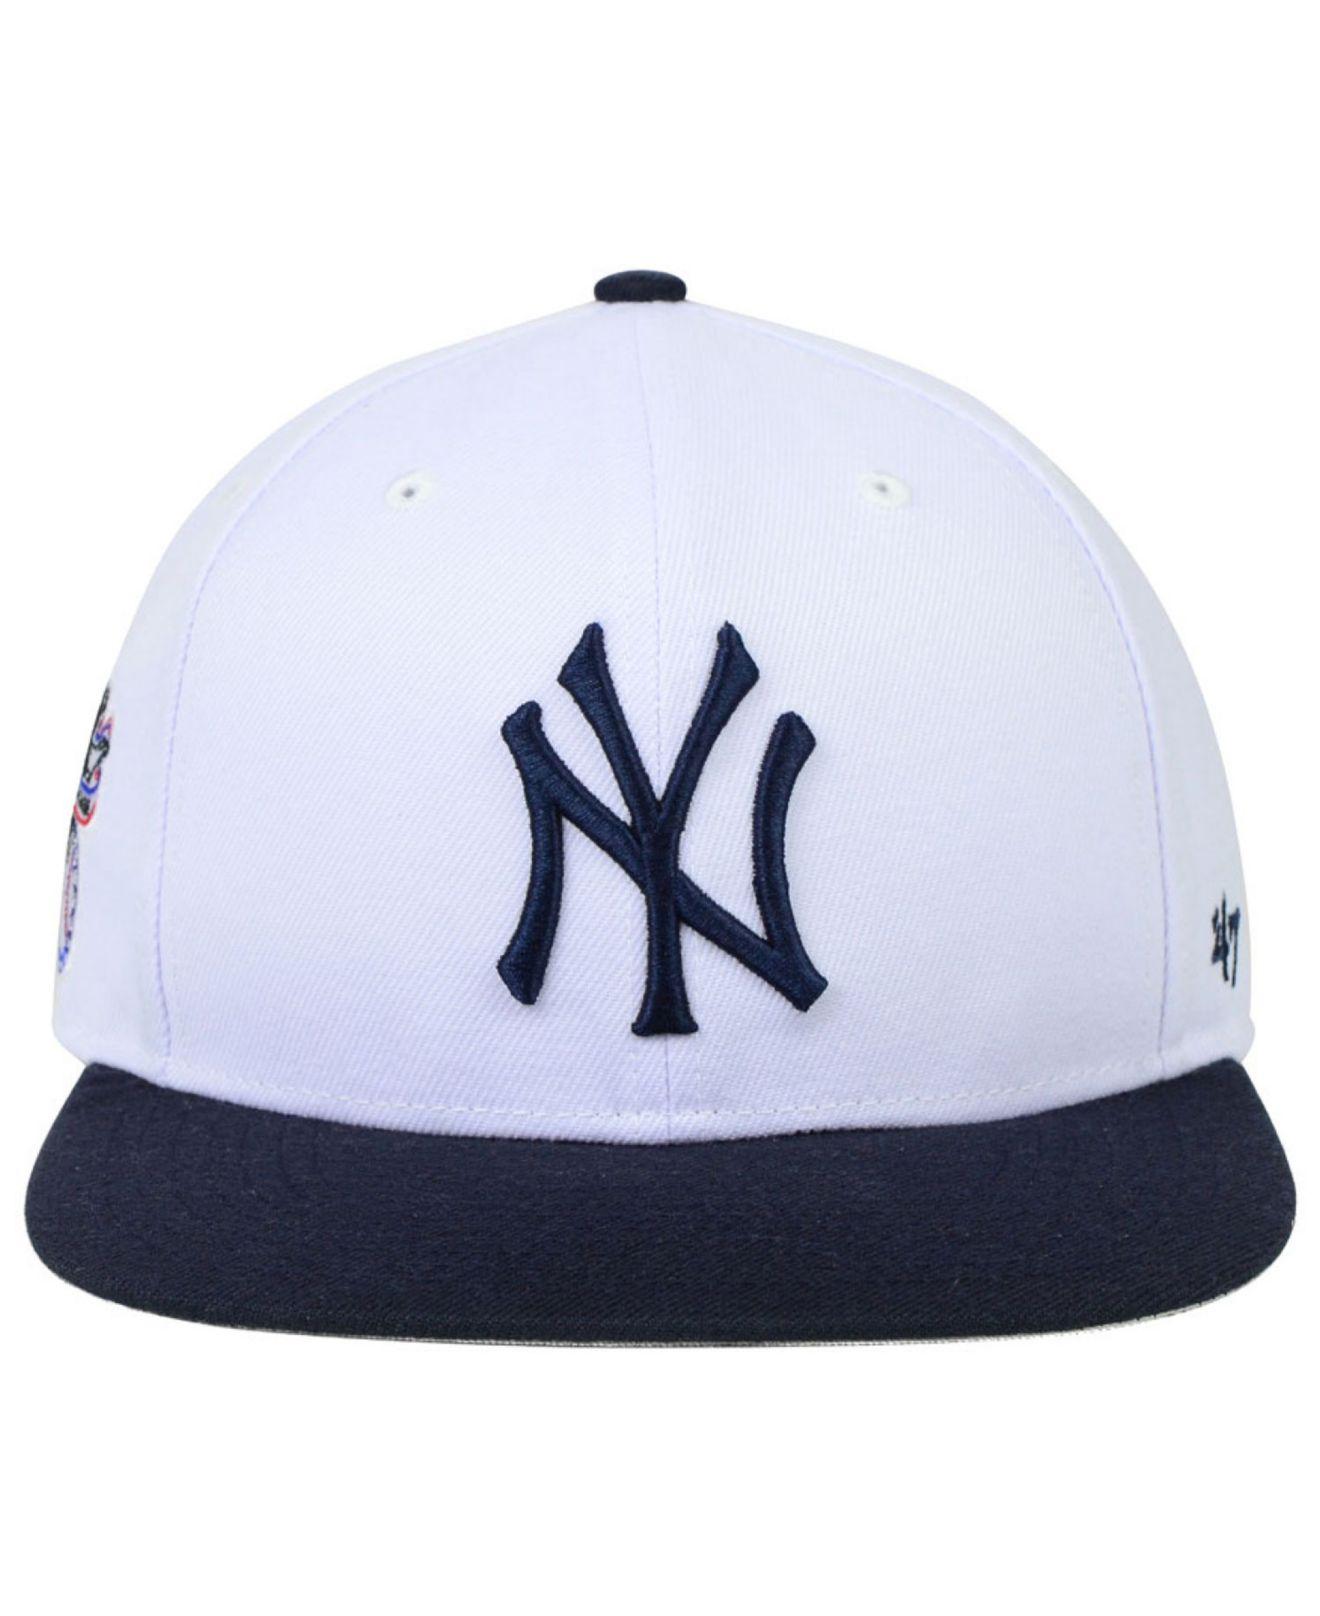 28c21dd4e9d3b Lyst - 47 Brand New York Yankees Sure Shot Snapback Cap in White for Men